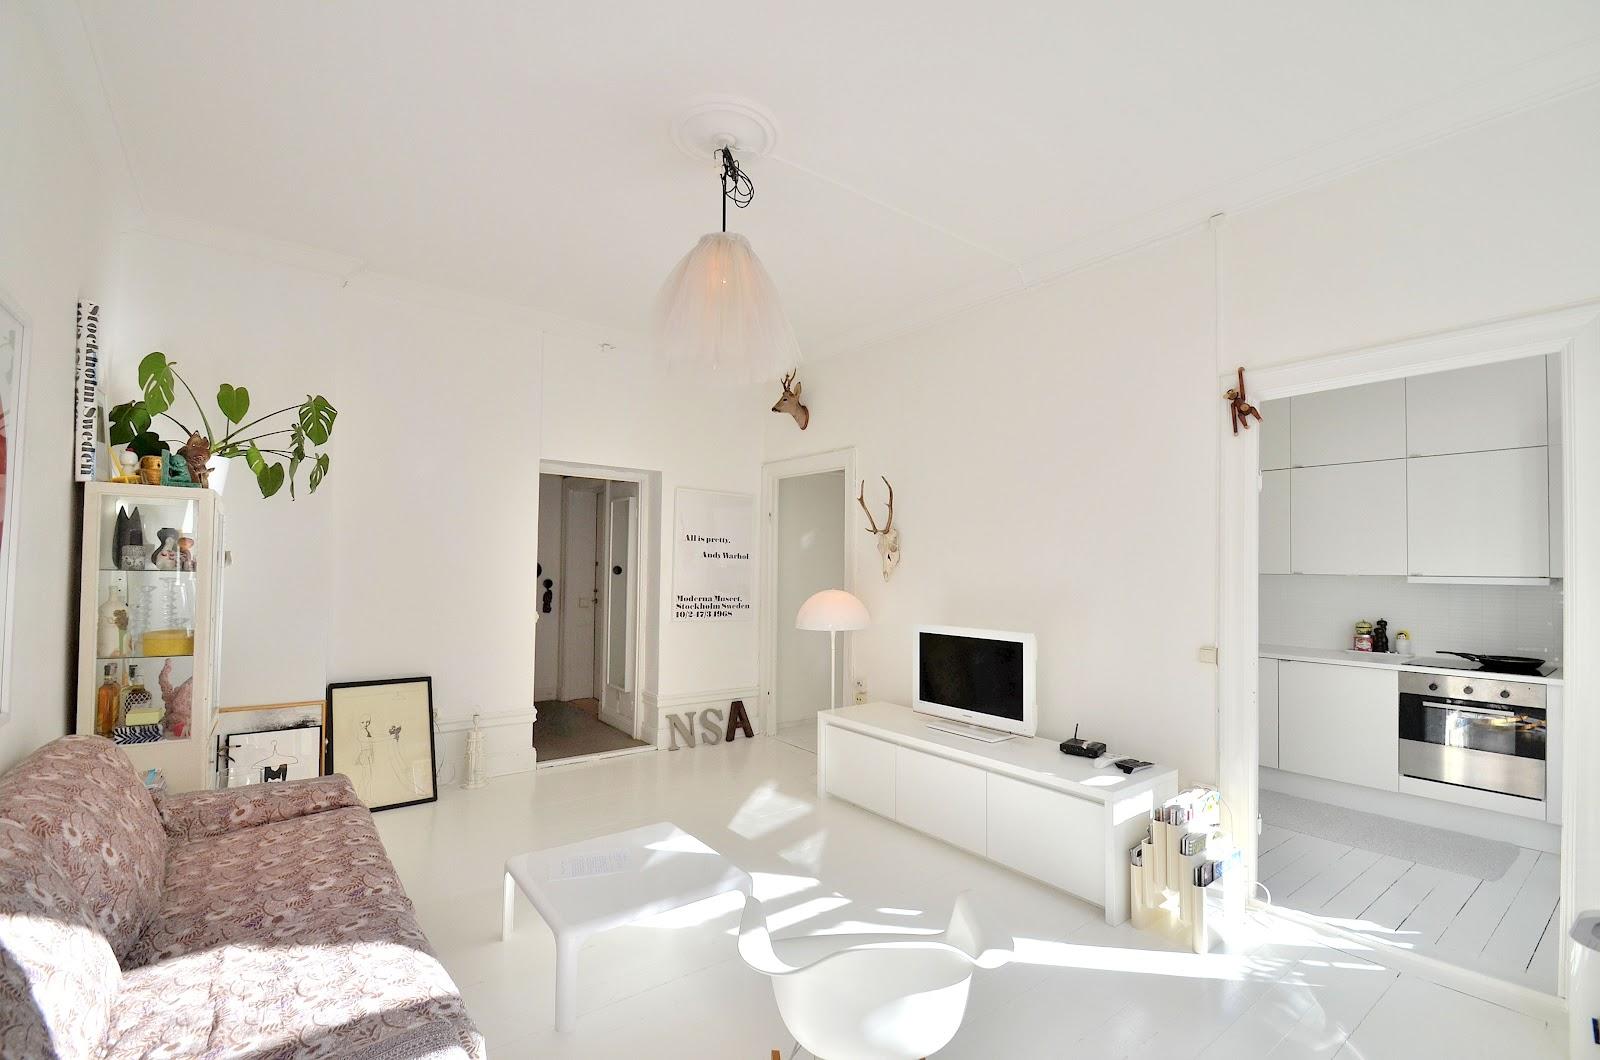 Rent Apartment In Sweden City Living Apt Blog Scoop  Swedish Design Apt Rental In Stockholm